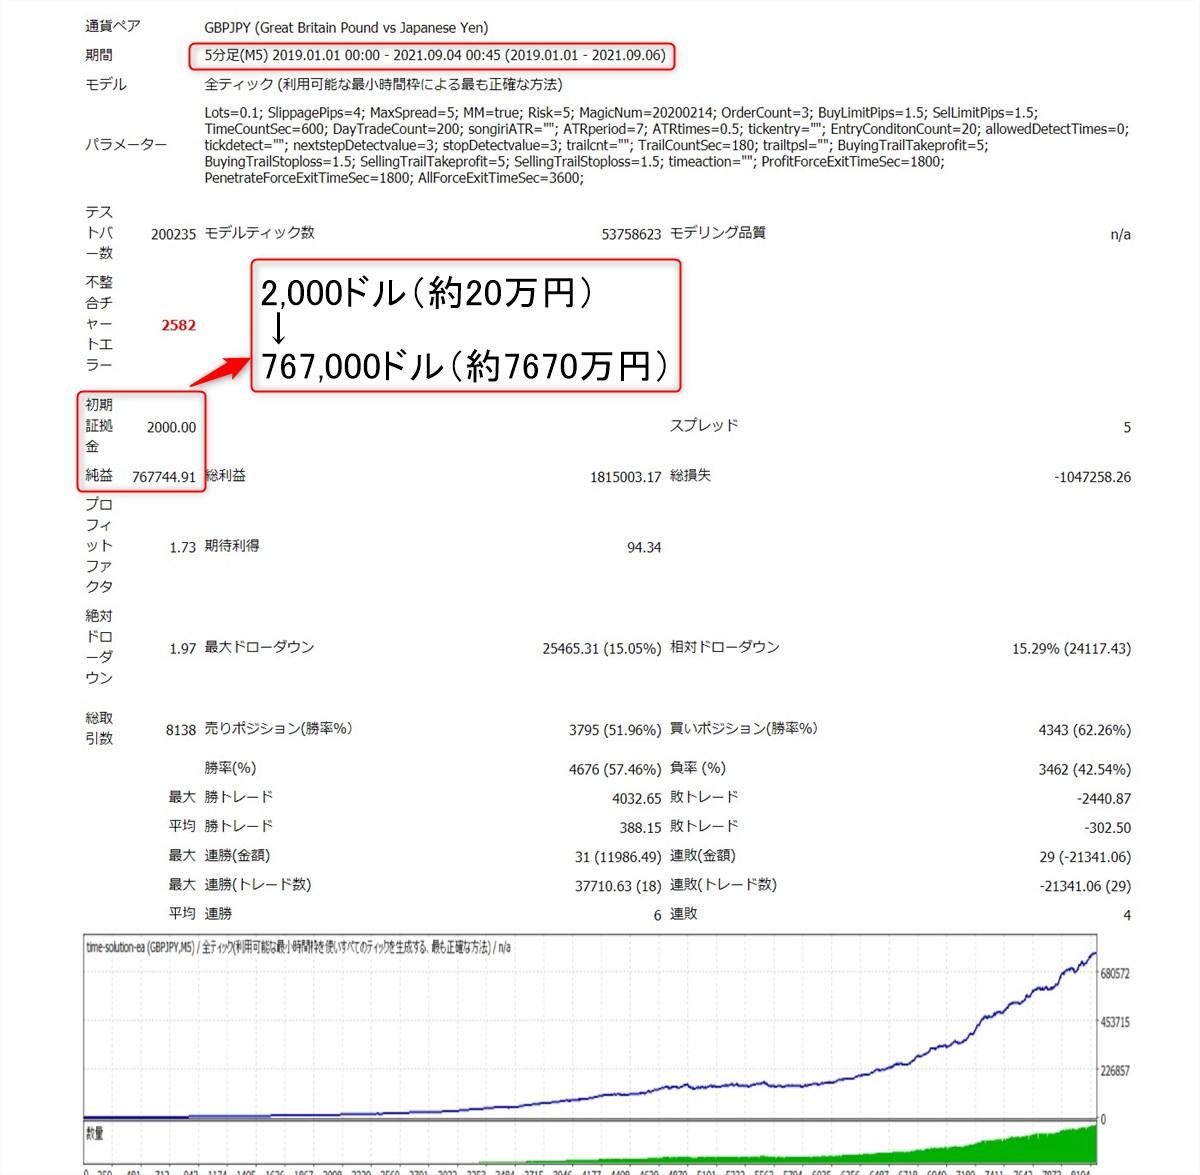 タイムソリューションEA:ポンド円のバックテスト結果(2019年~2021年9月)